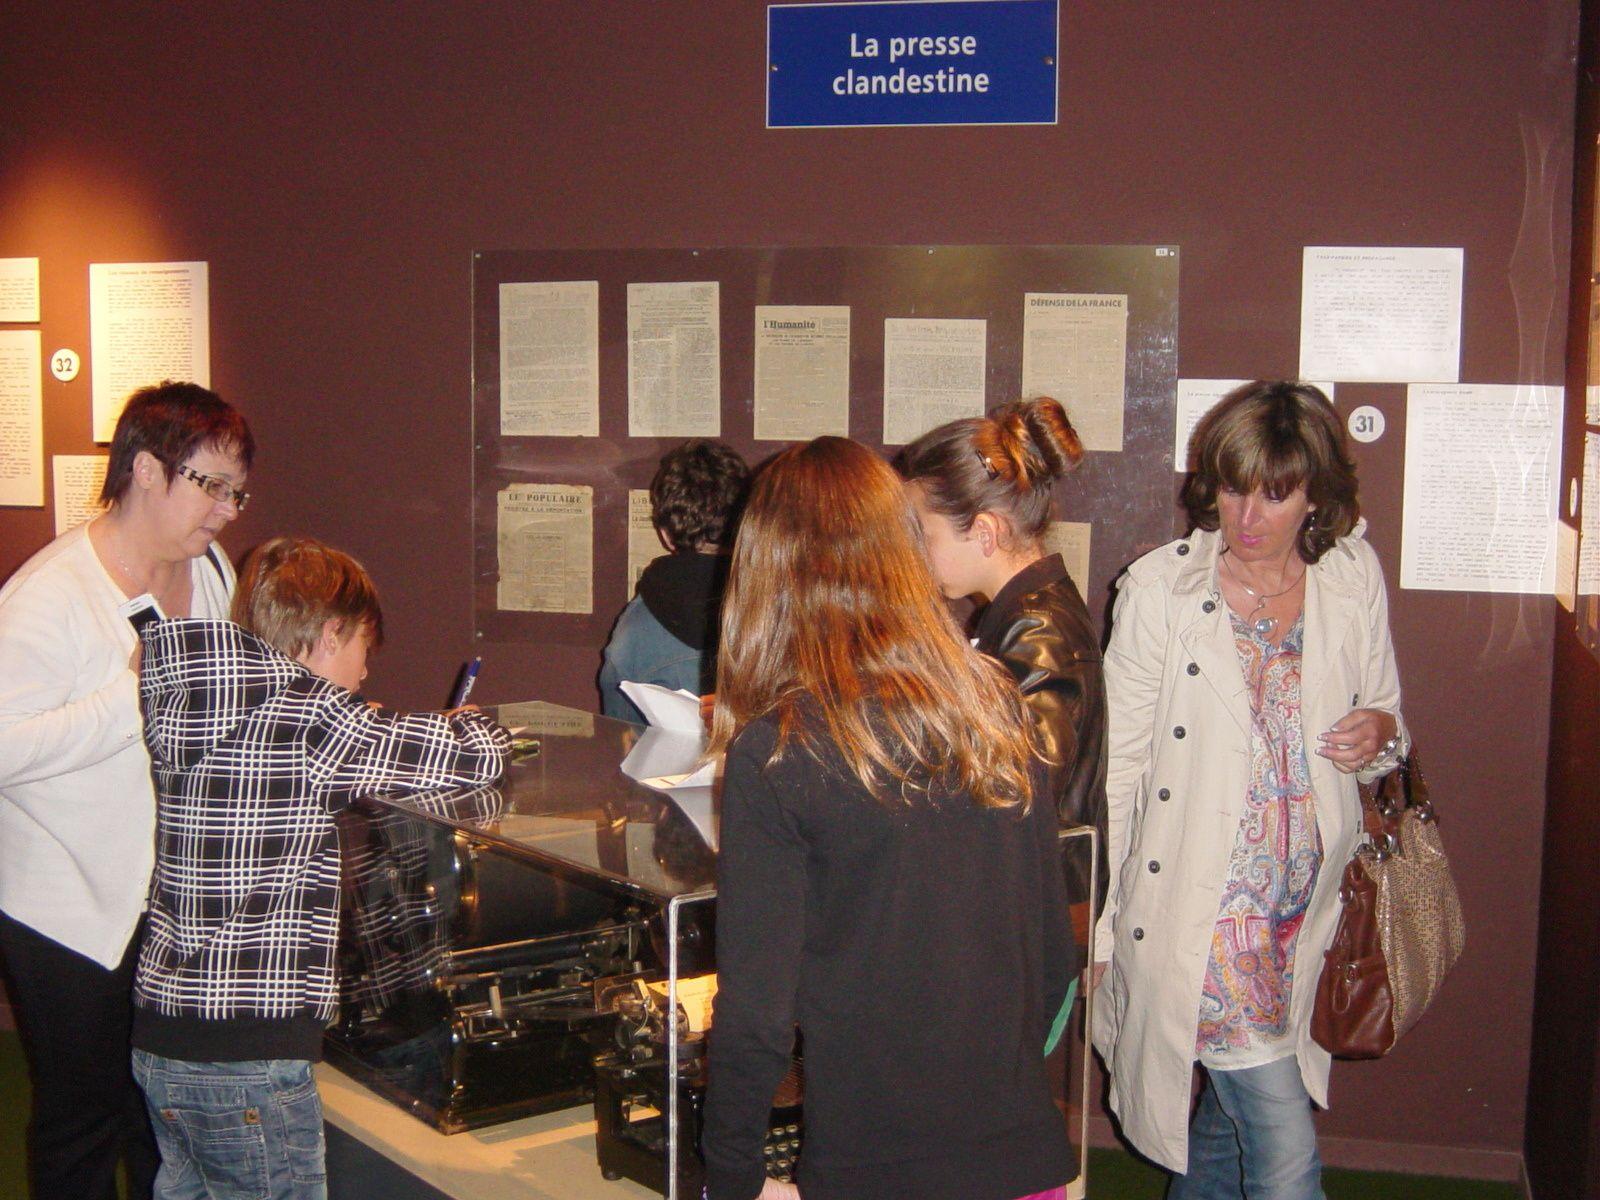 Visite studieuse du musée à la recherche des réponses au questionnaire.